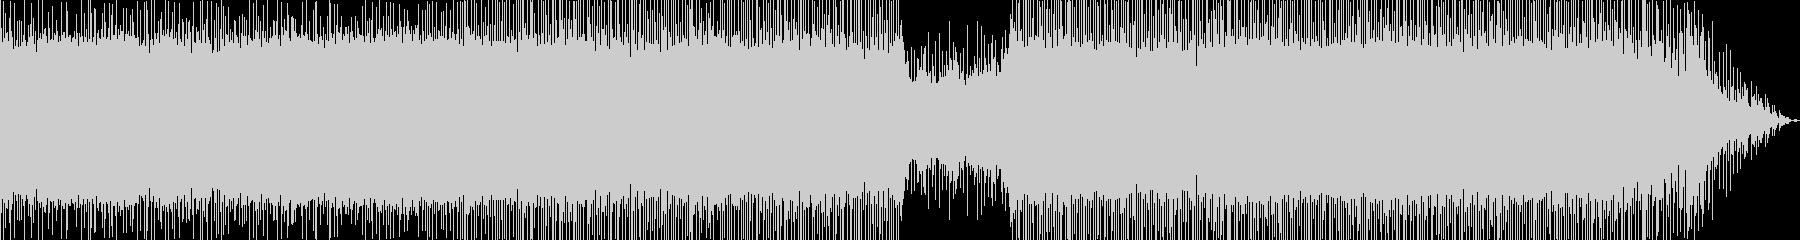 世界 サスペンス 説明的 エスニッ...の未再生の波形